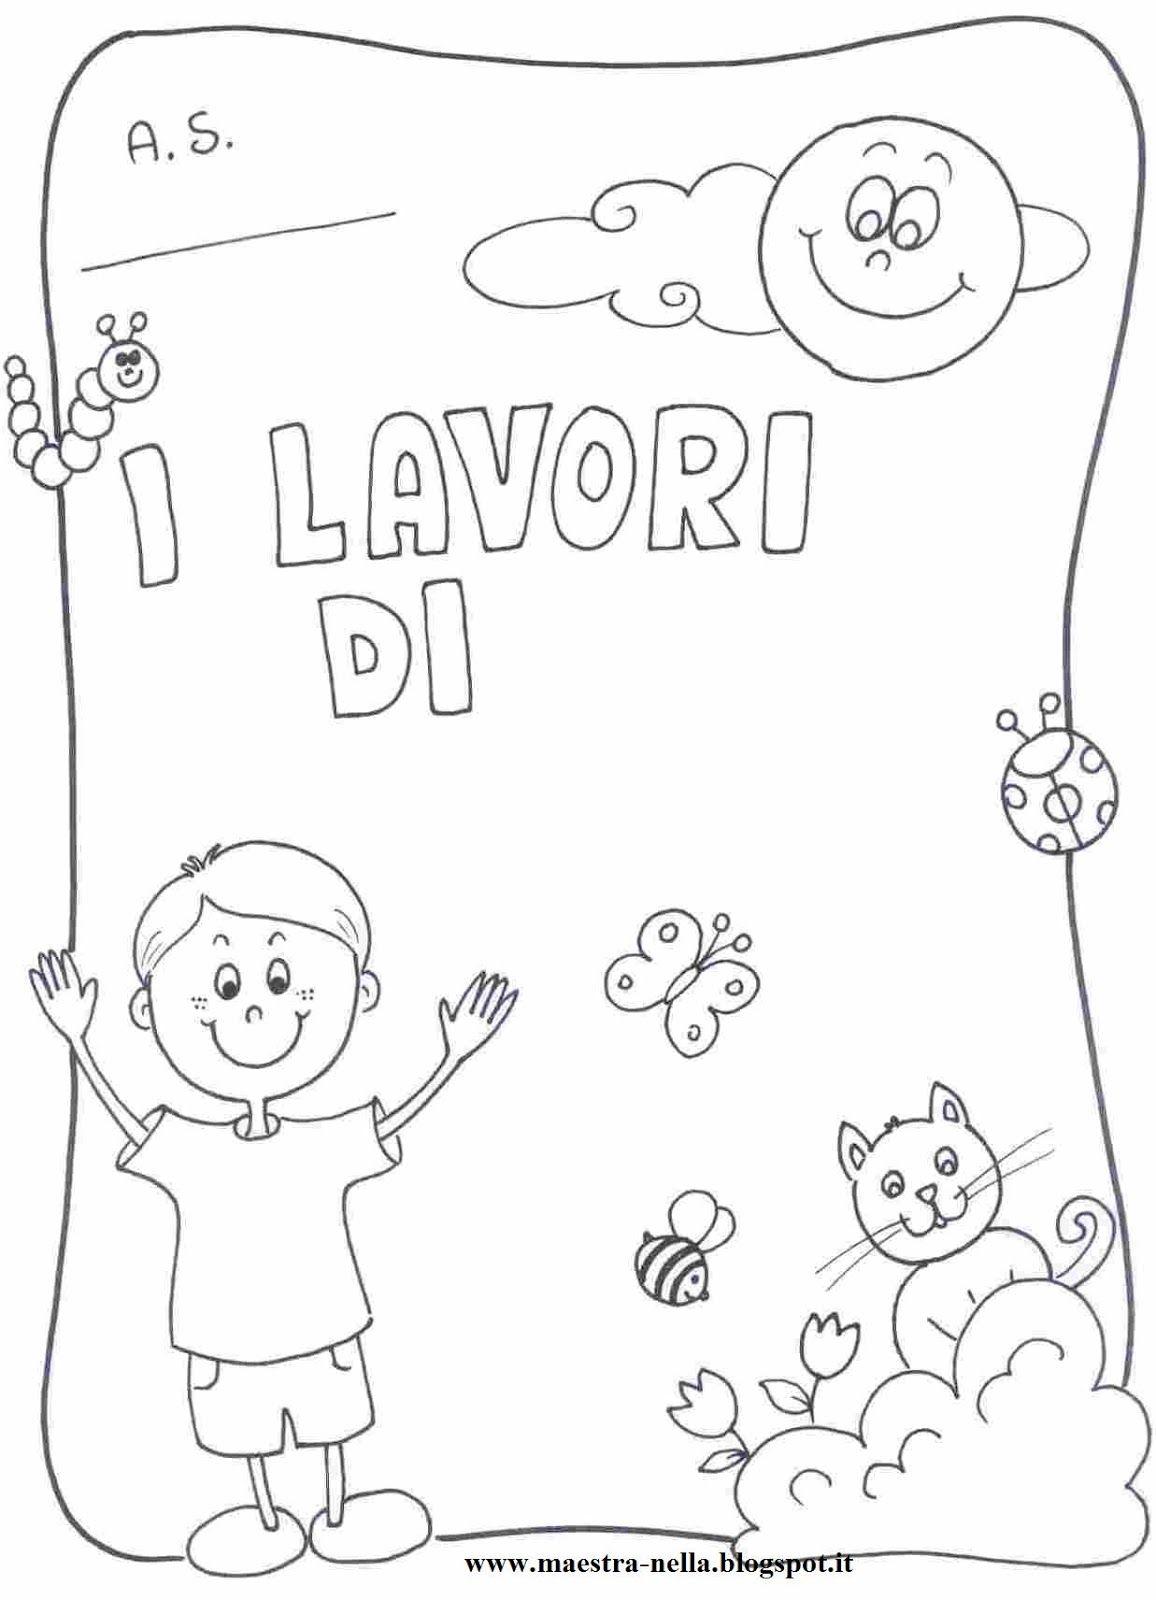 disegni, idee e lavoretti per la scuola dell'infanzia... e